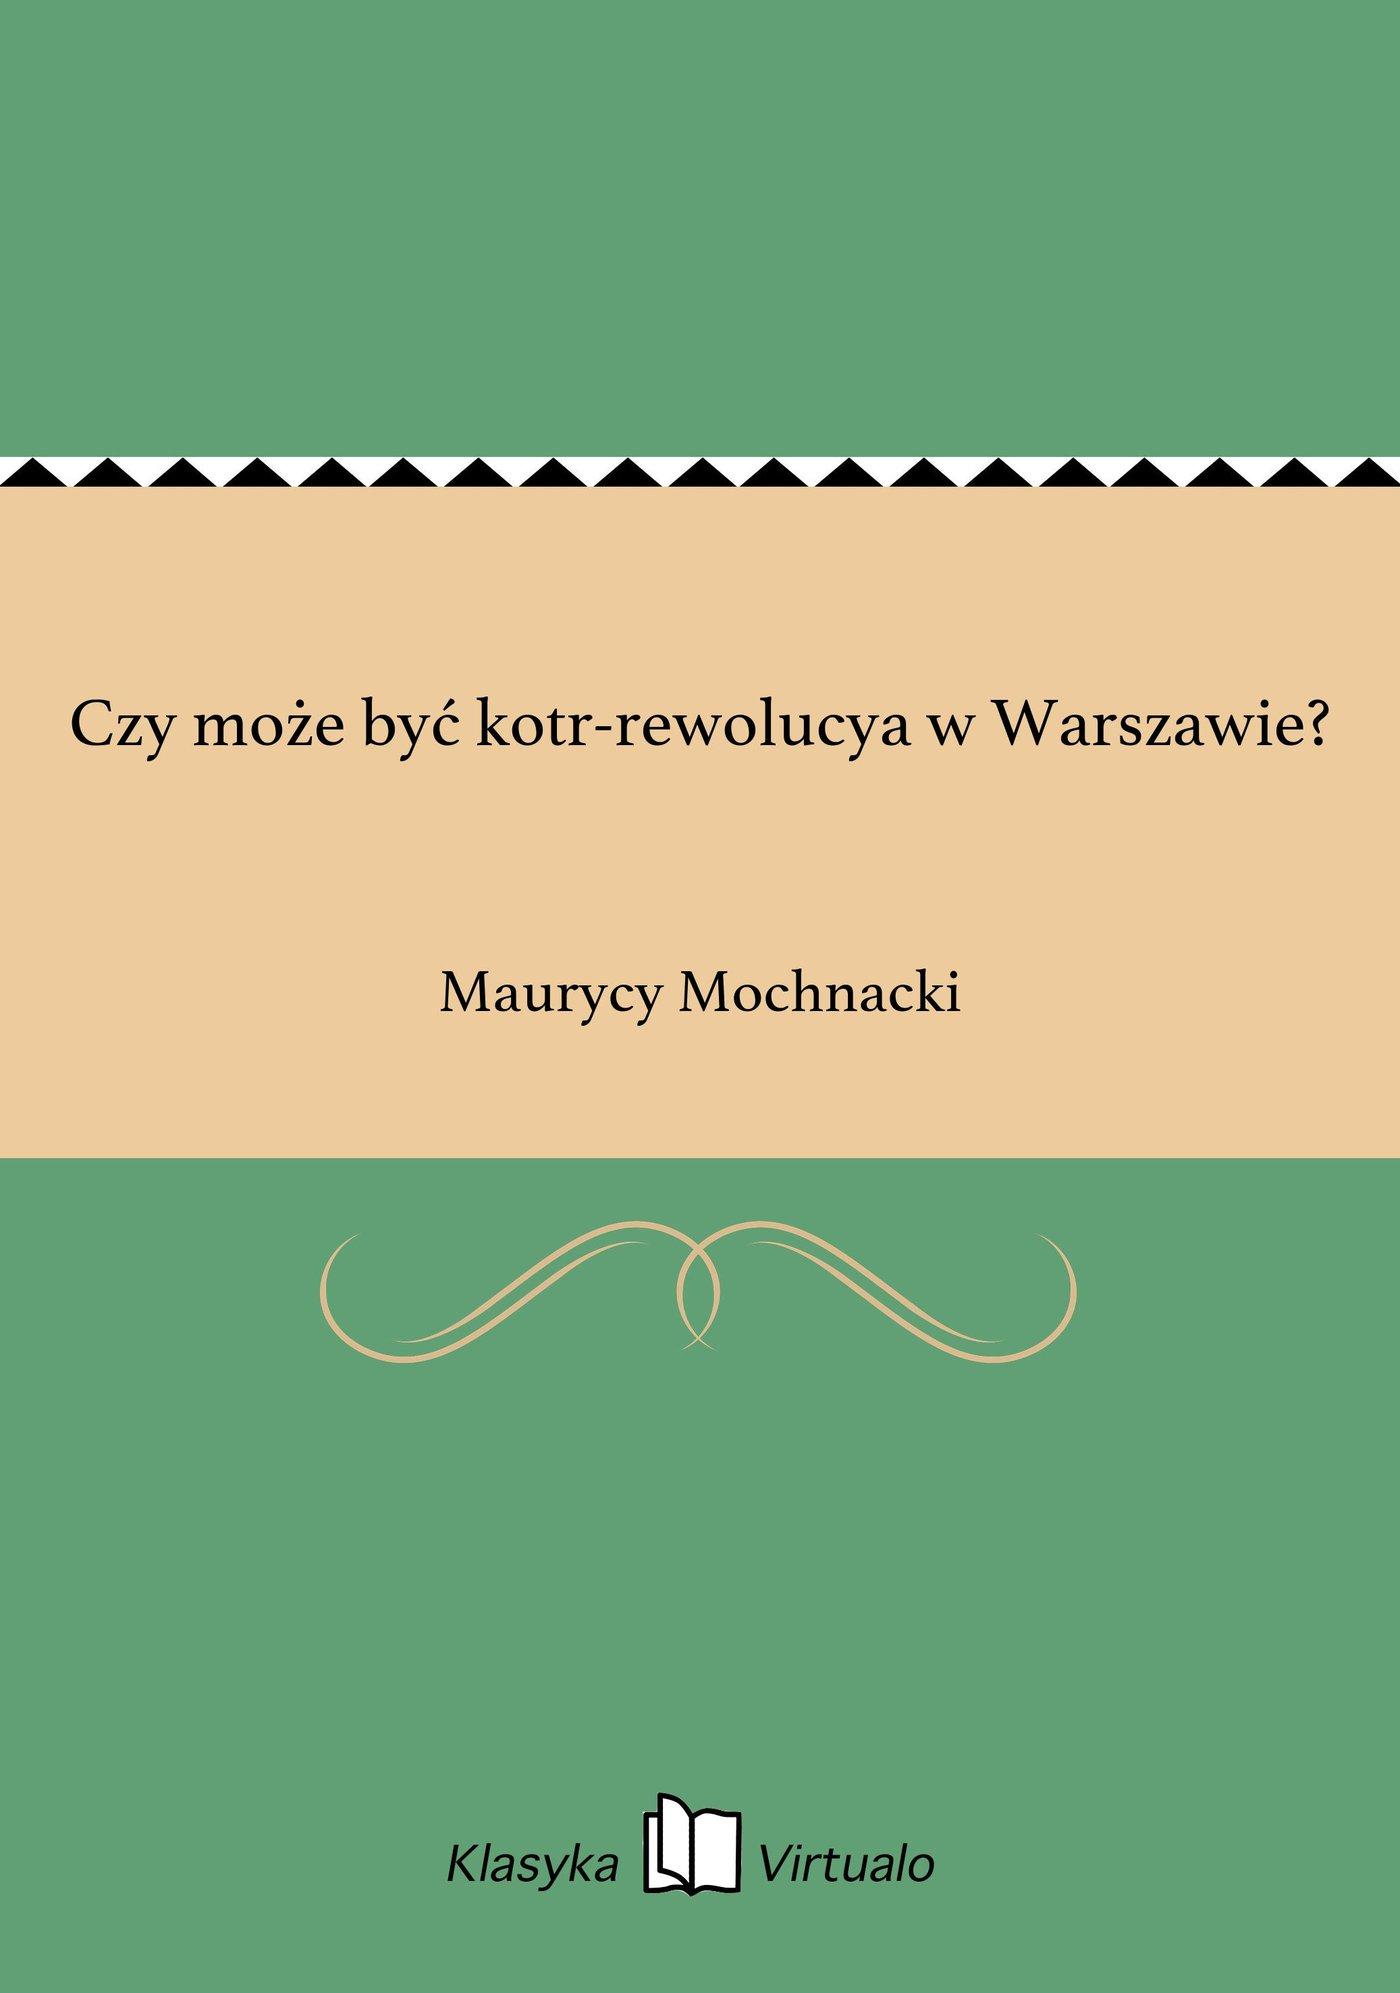 Czy może być kotr-rewolucya w Warszawie? - Ebook (Książka EPUB) do pobrania w formacie EPUB